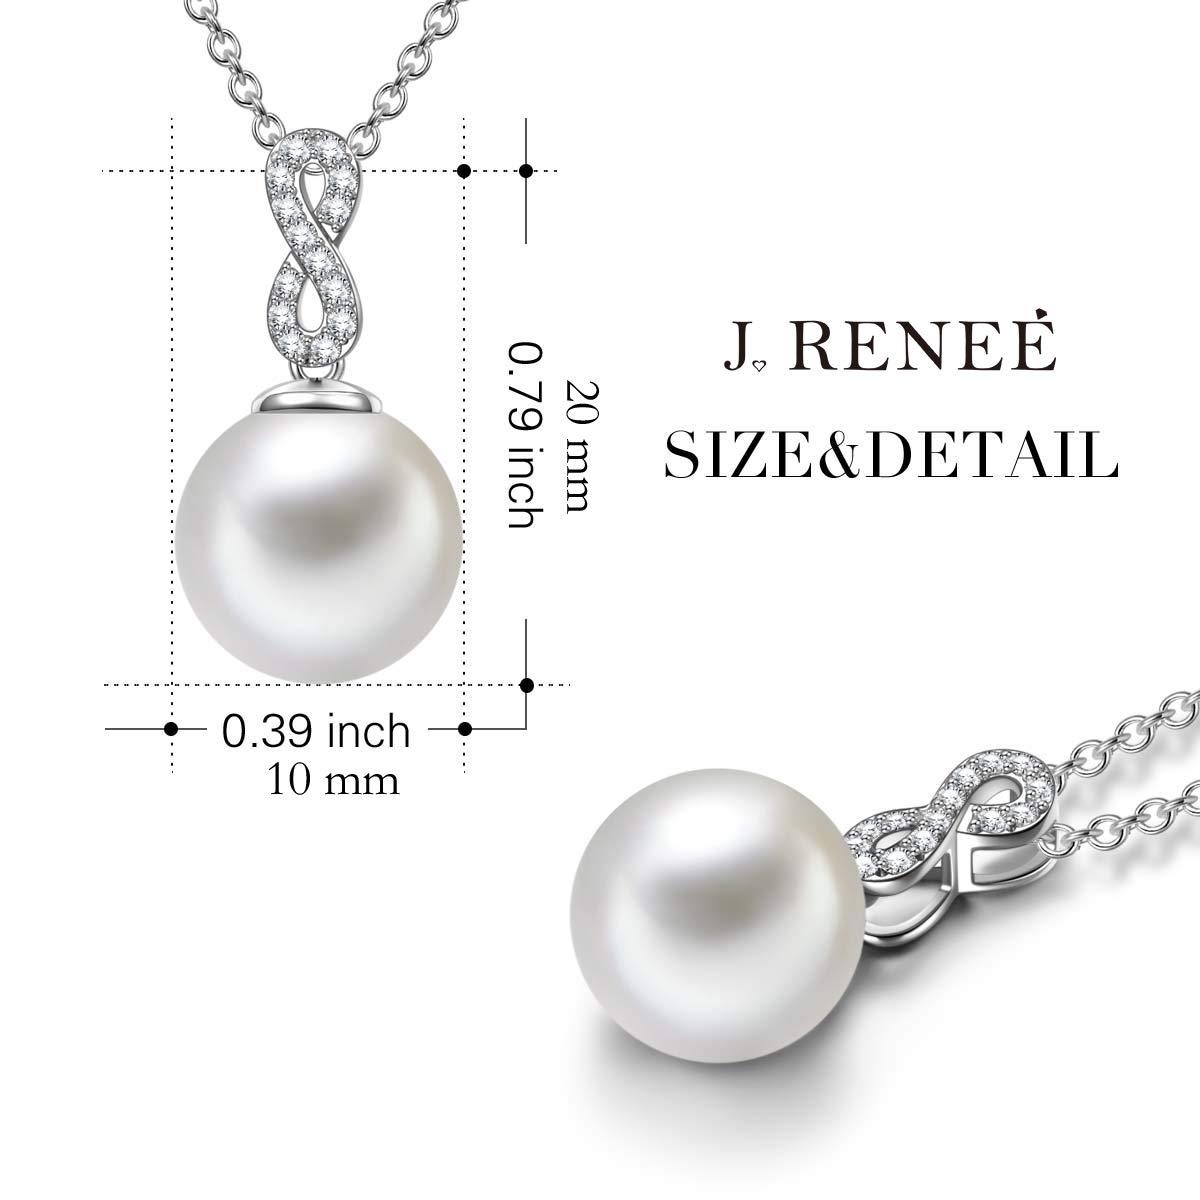 J. RENEÉ Perla Infinita Plata de Ley 925 Colgante, Collar Perla de Swarovski, Joyas para Mujer, Colgantes Mujer, Regalos Mujer: Amazon.es: Joyería